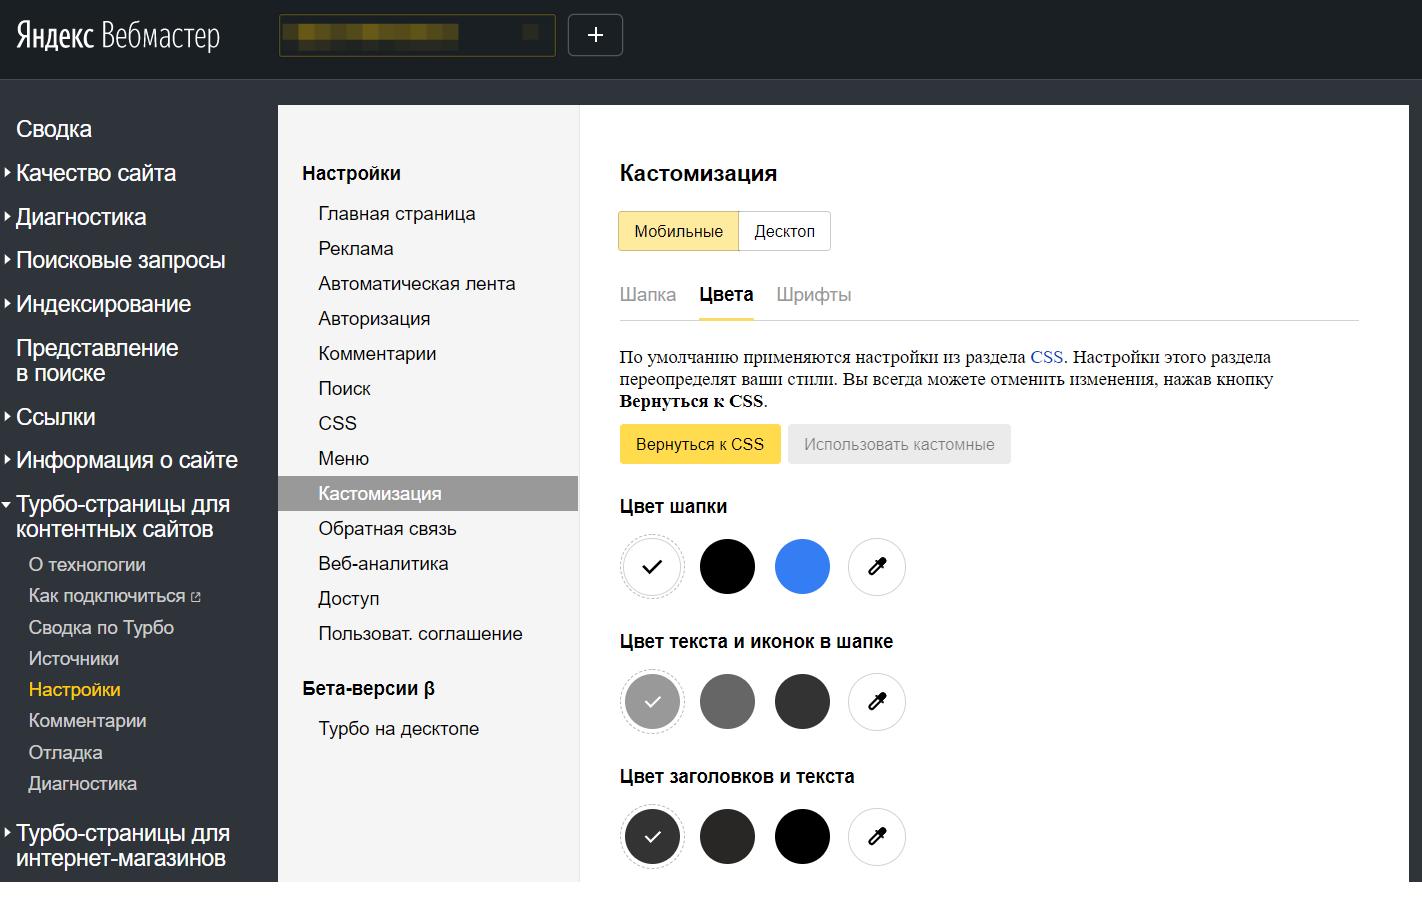 Яндекс.Вебмастер упростил настройку дизайна Турбо-страниц